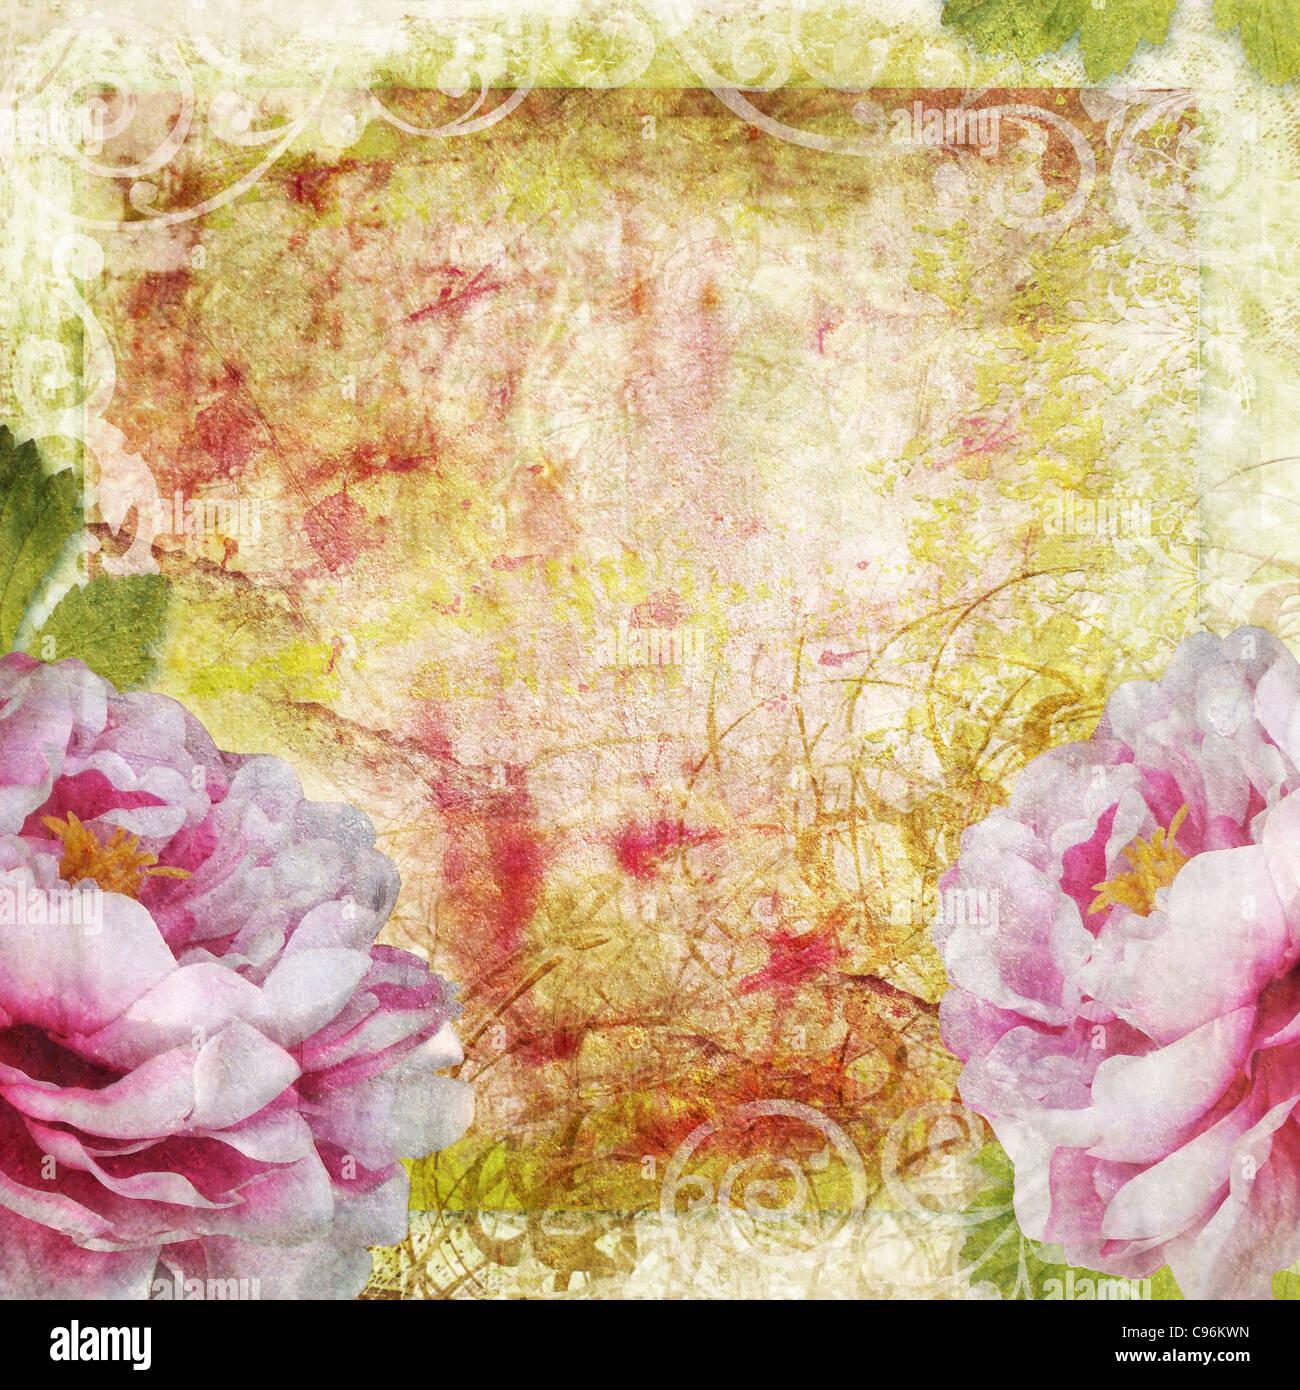 Retrò sfondo floreale in stile scrapbook Immagini Stock